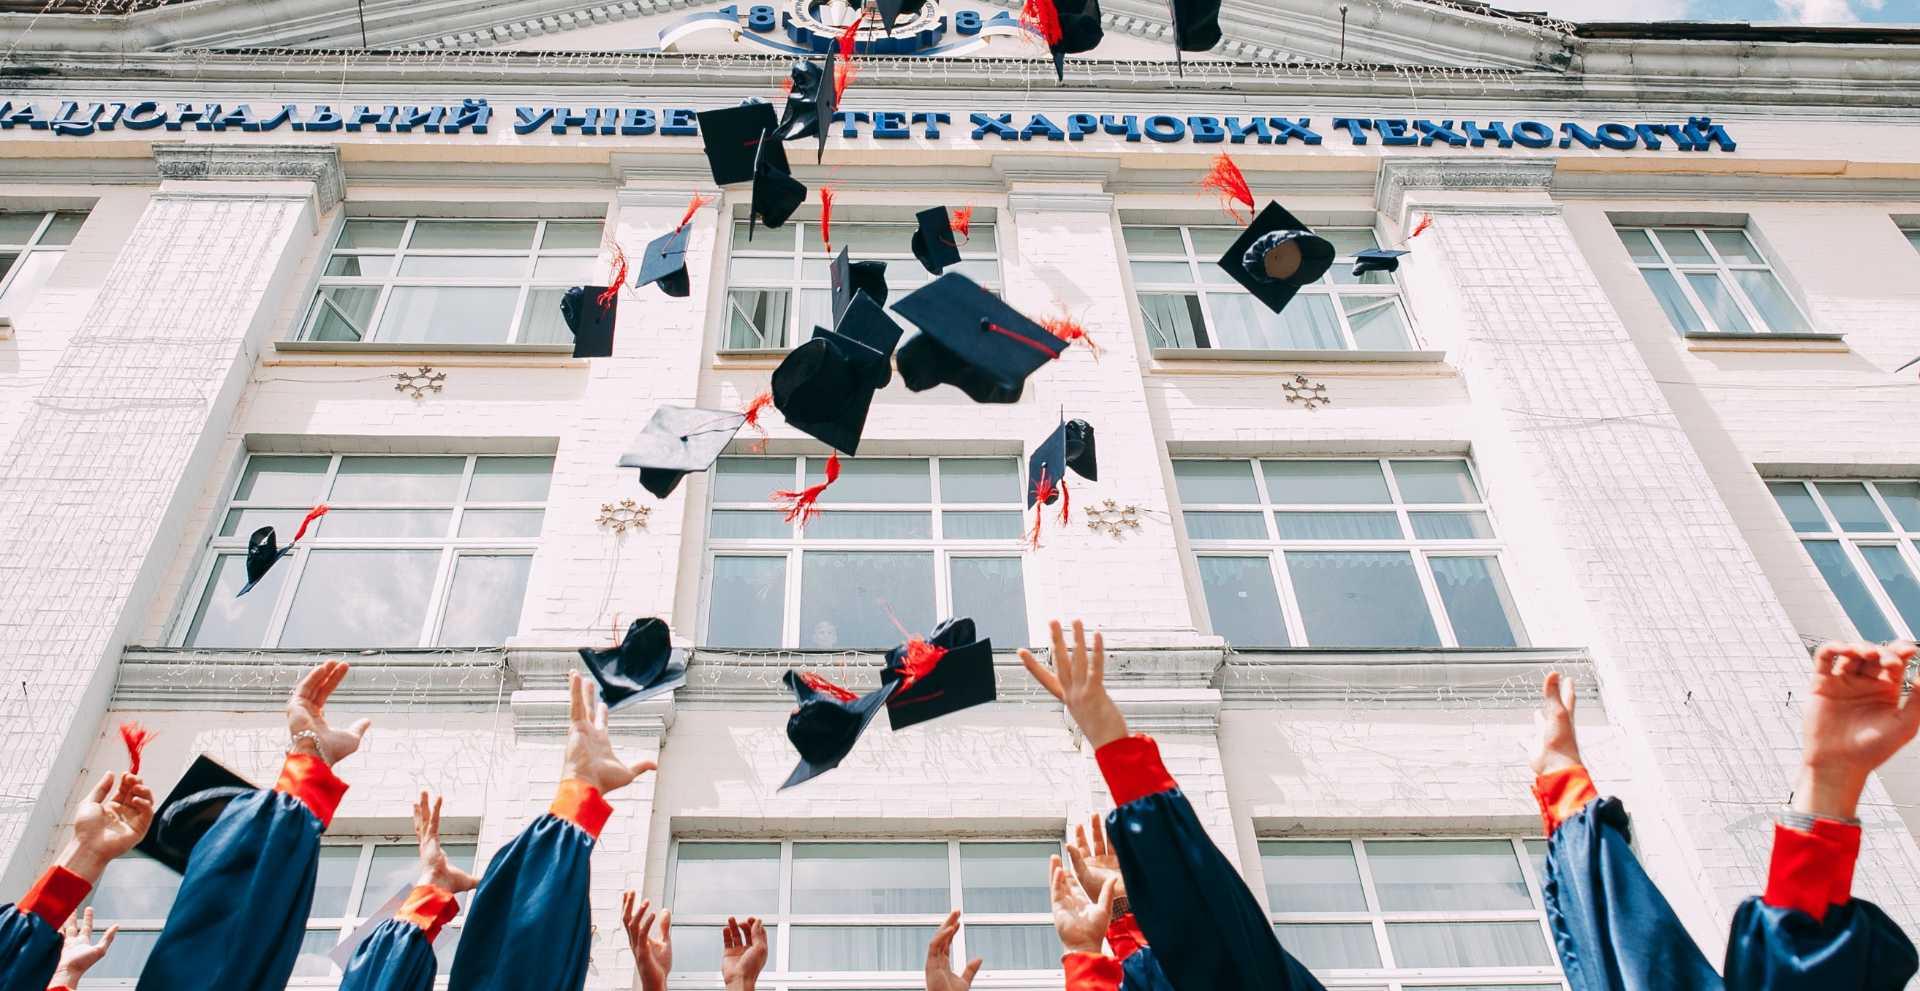 【教育改革】固定担任制を廃止して全員担任制に!麹町中学校の取り組み